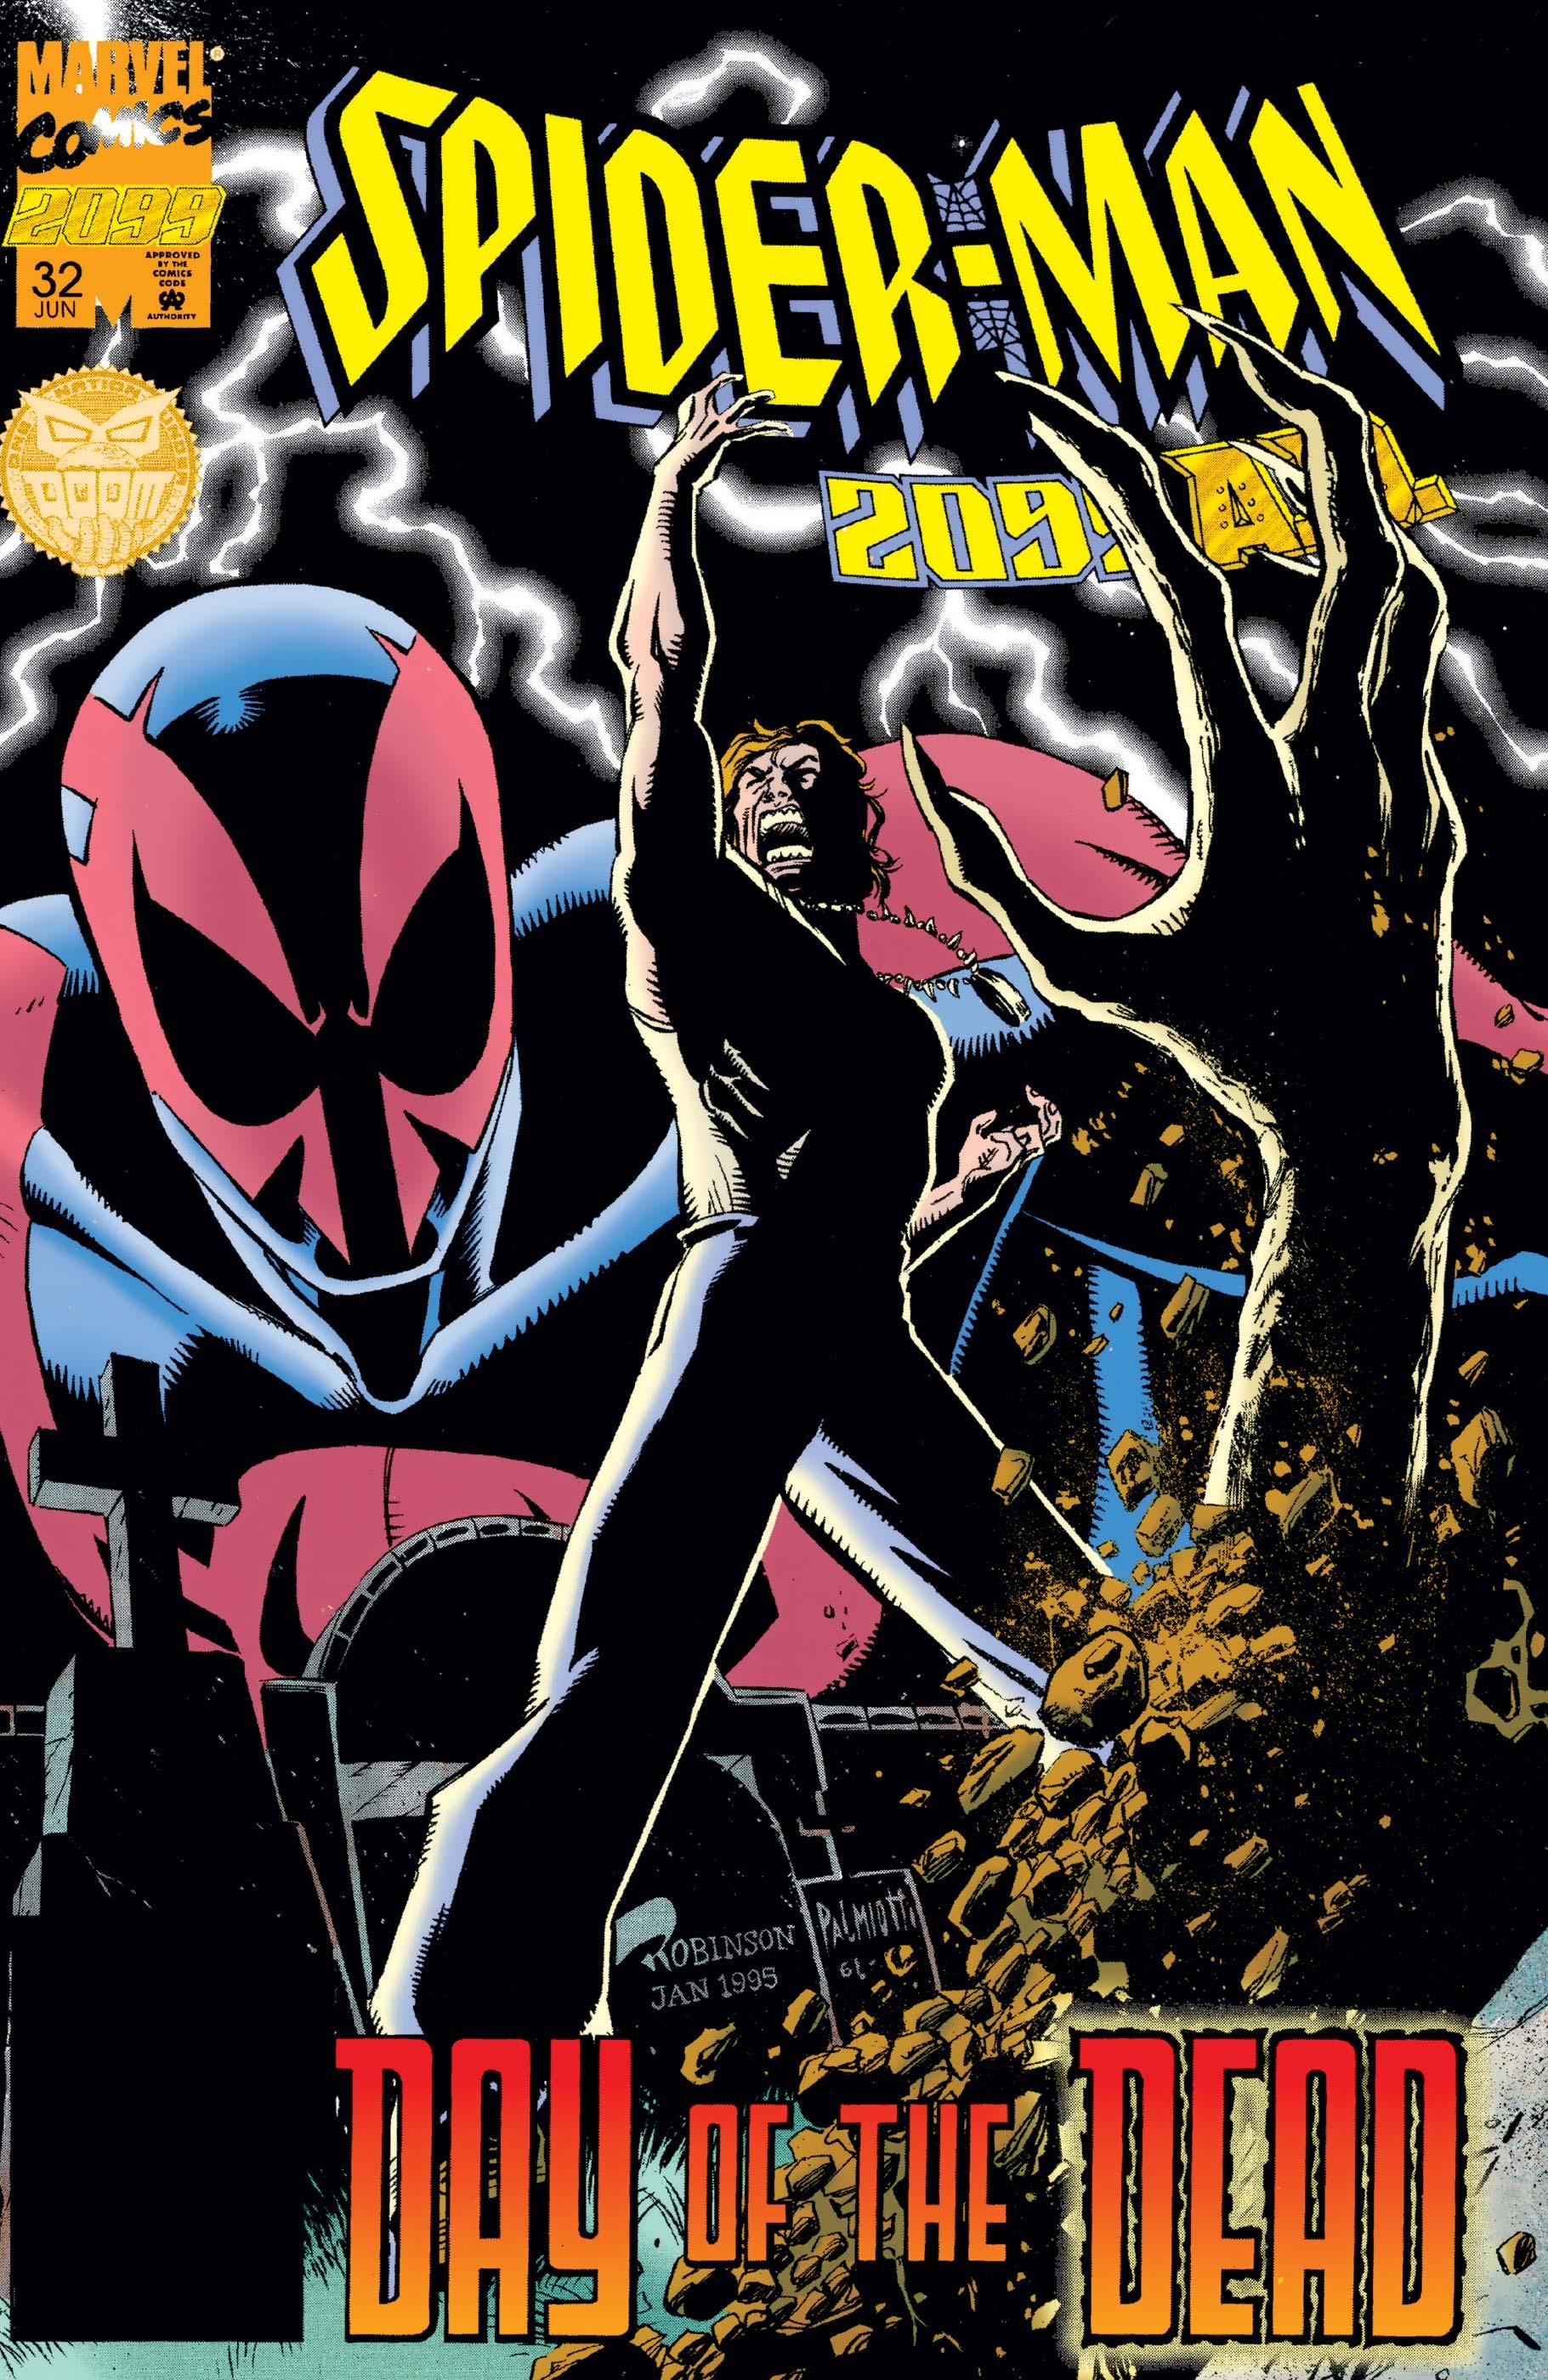 Spider-Man 2099 (1992) #32